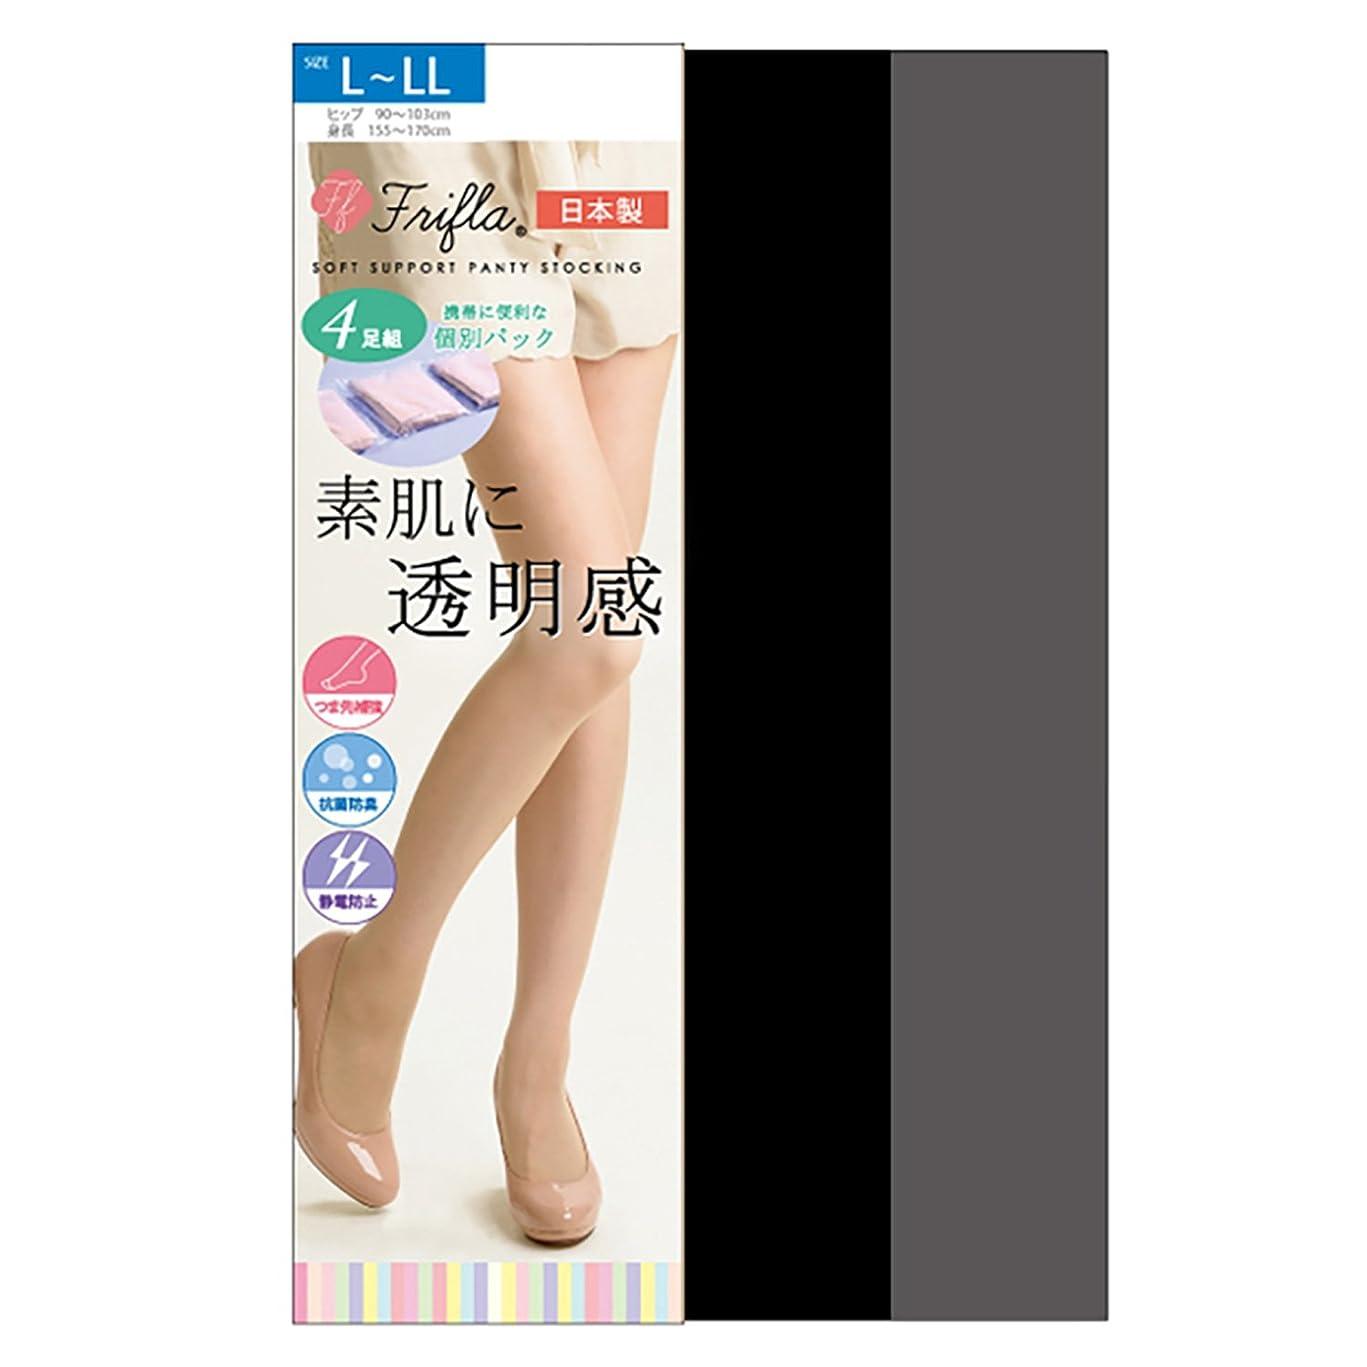 他の場所切り下げ確実素肌に透明感 ソフトサポートタイプ 交編ストッキング 4足組 日本製-素肌感 個包装 抗菌防臭 静電気防止 M-L L-LL パンスト (L-LL, ブラック)